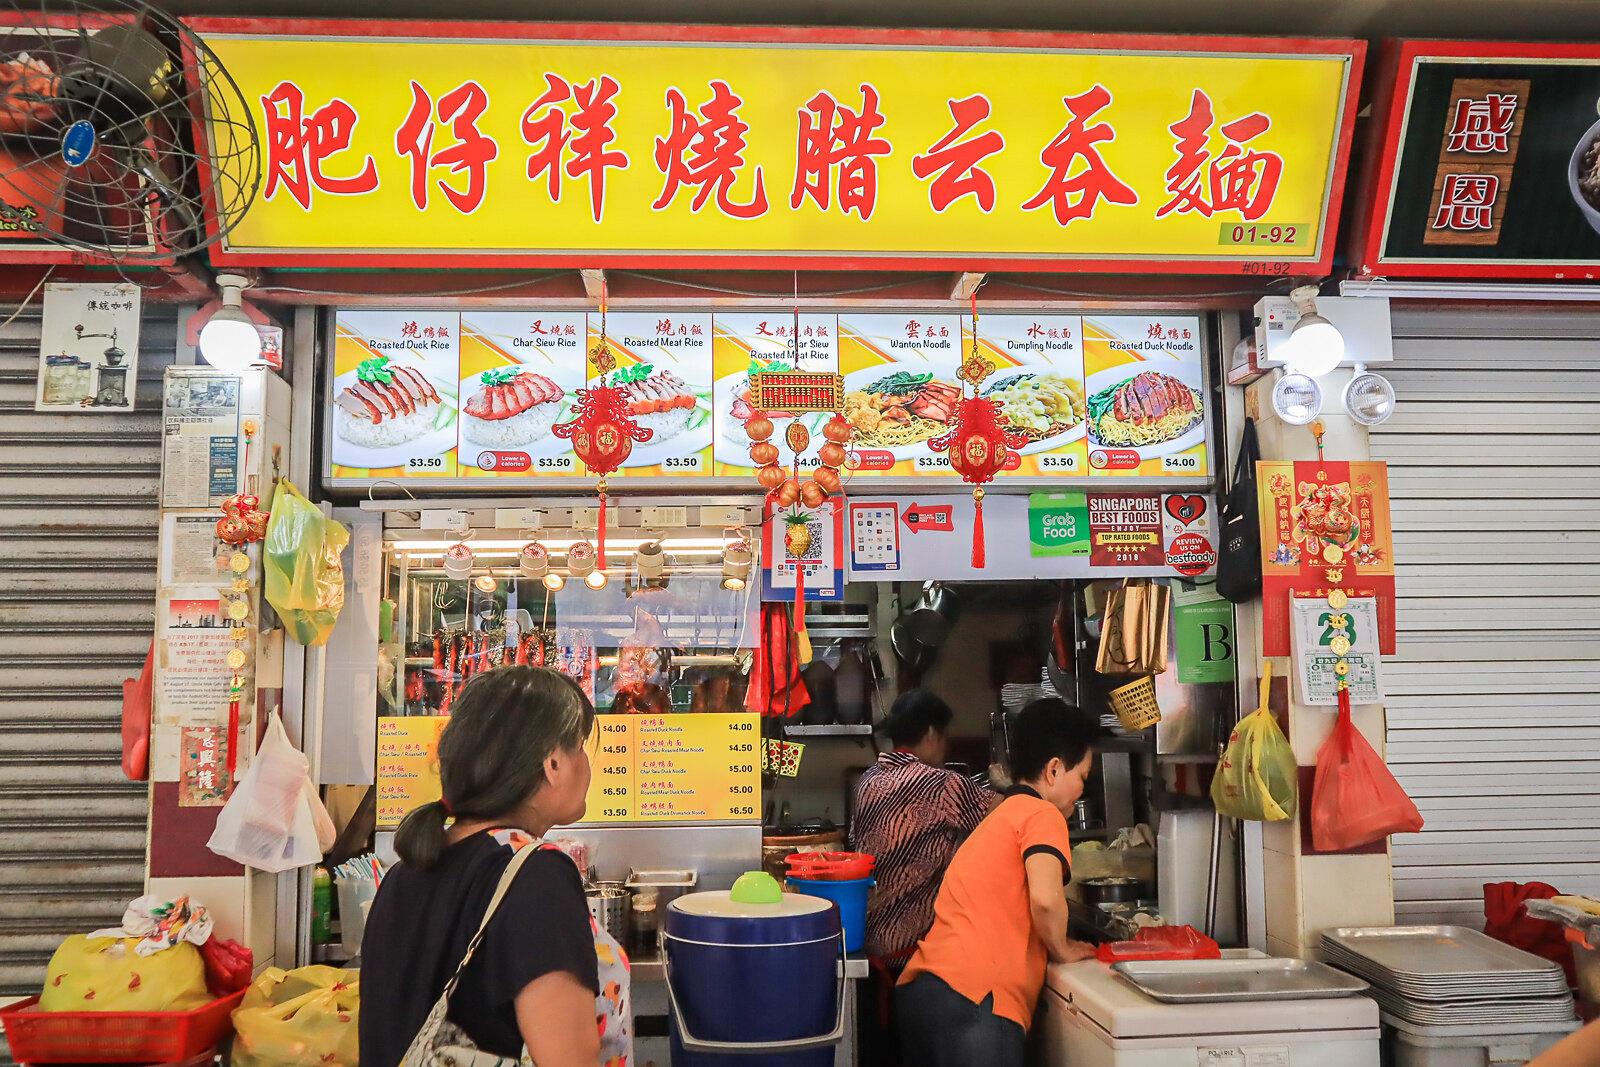 fei zai xiang shao la wanton mee storefront